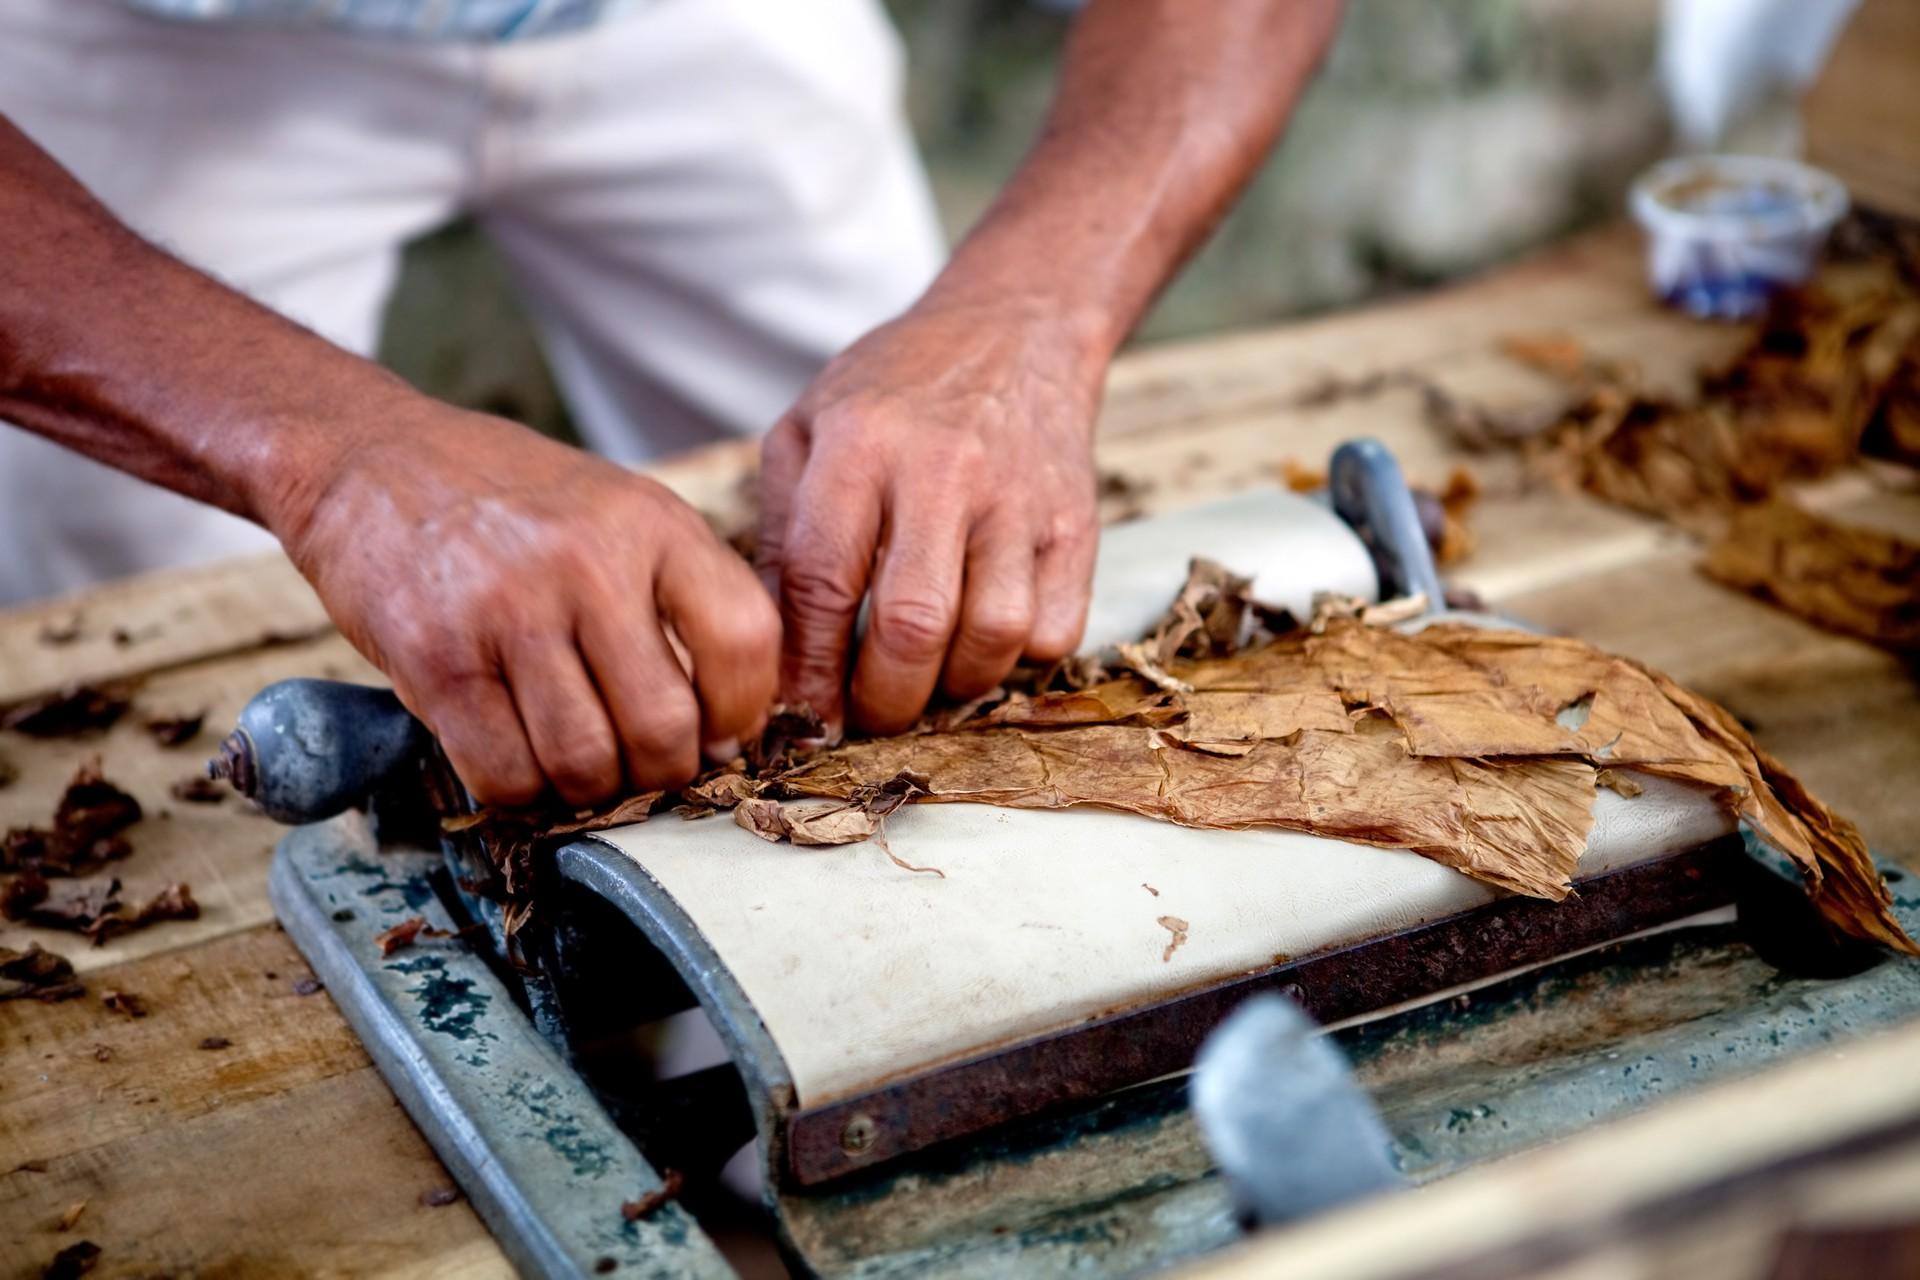 A man crafting a Cuban cigar by hand